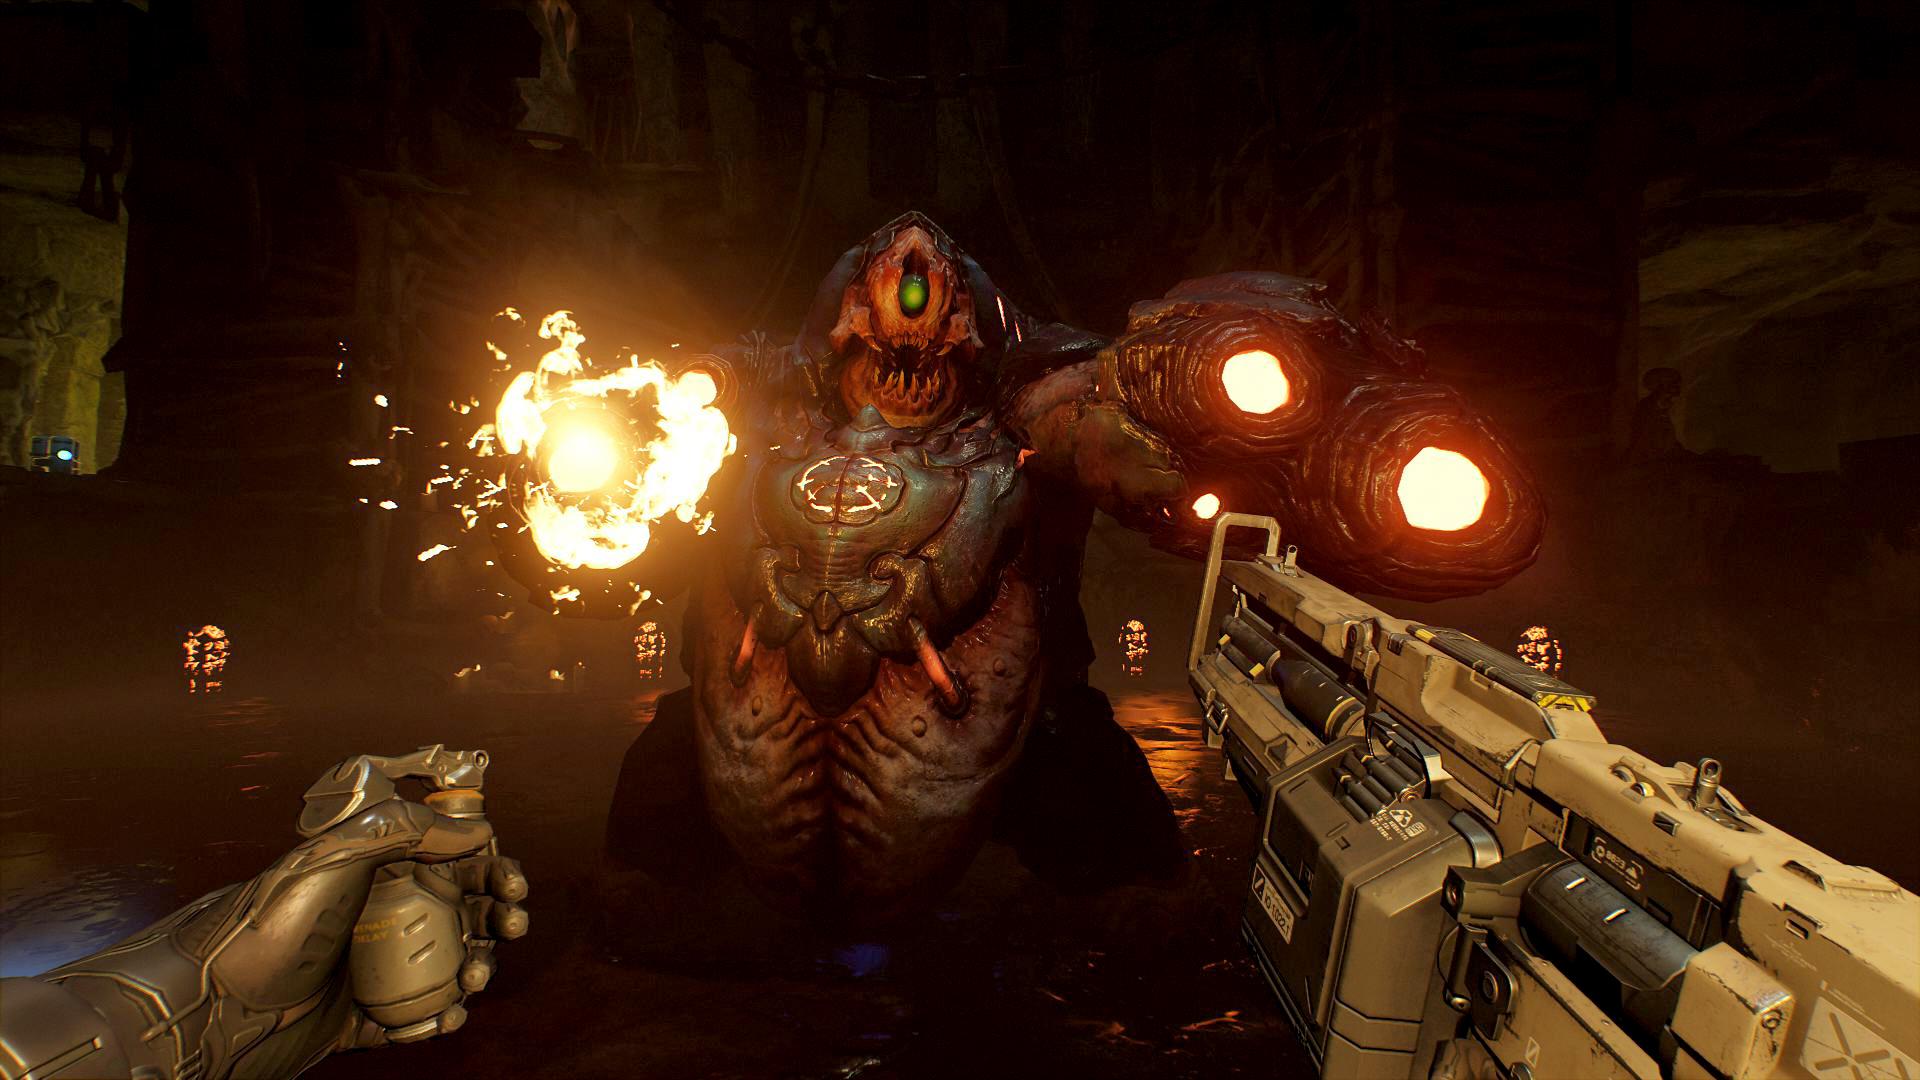 Doom VFR требует хотя бы GTX 1070 и Core i5, а лучше — GTX 1080 и Core i7. Опубликованы системные требования